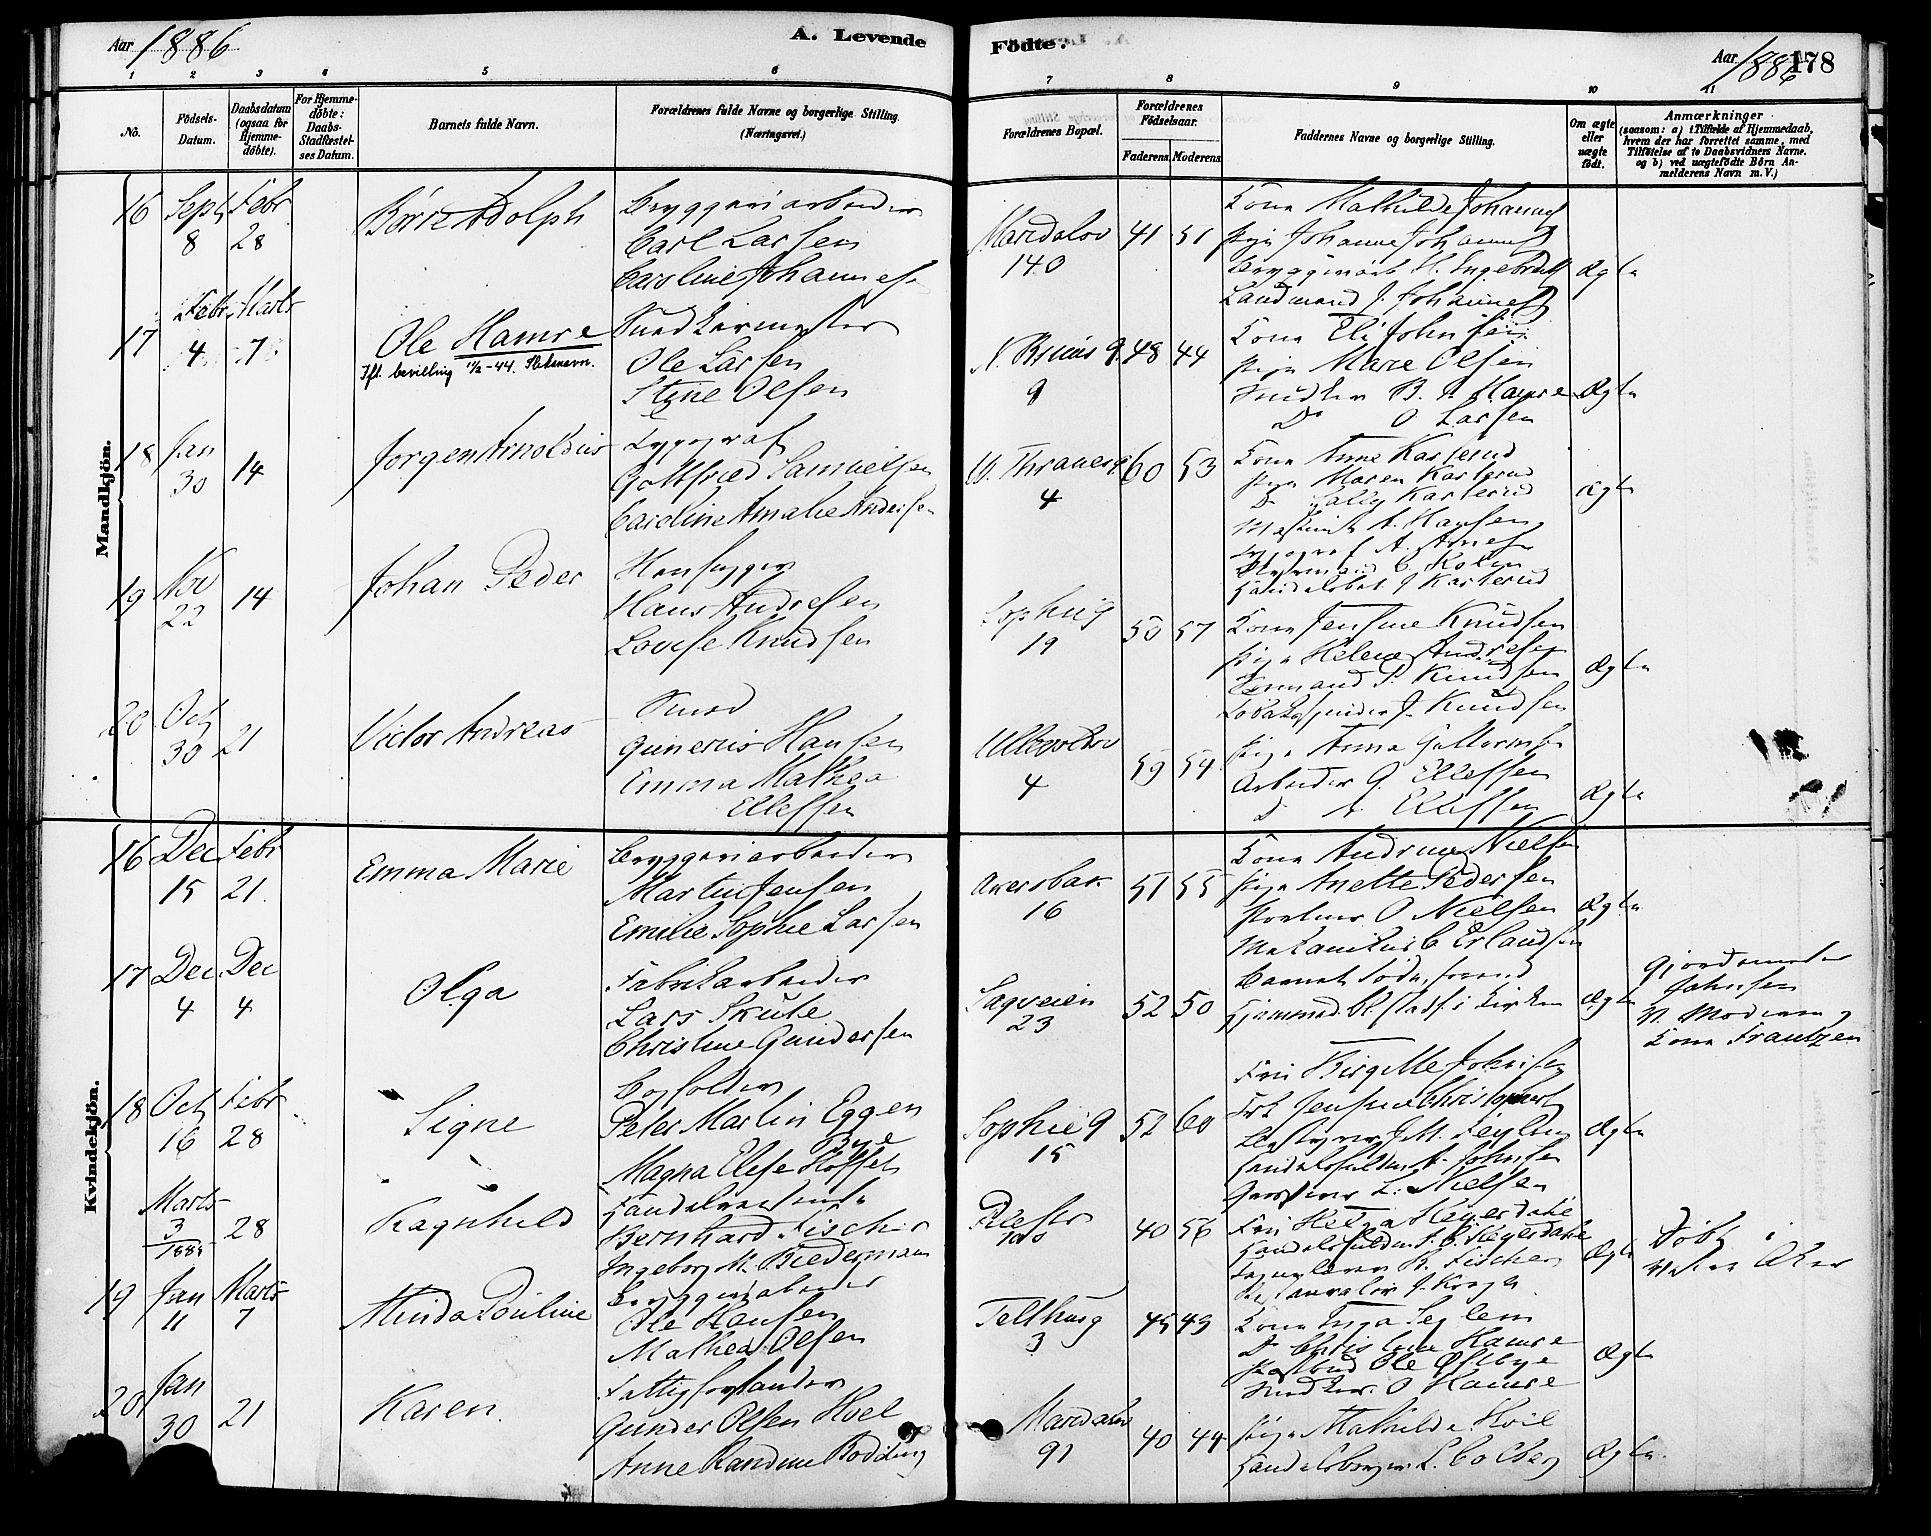 SAO, Gamle Aker prestekontor Kirkebøker, F/L0006: Ministerialbok nr. 6, 1880-1887, s. 178